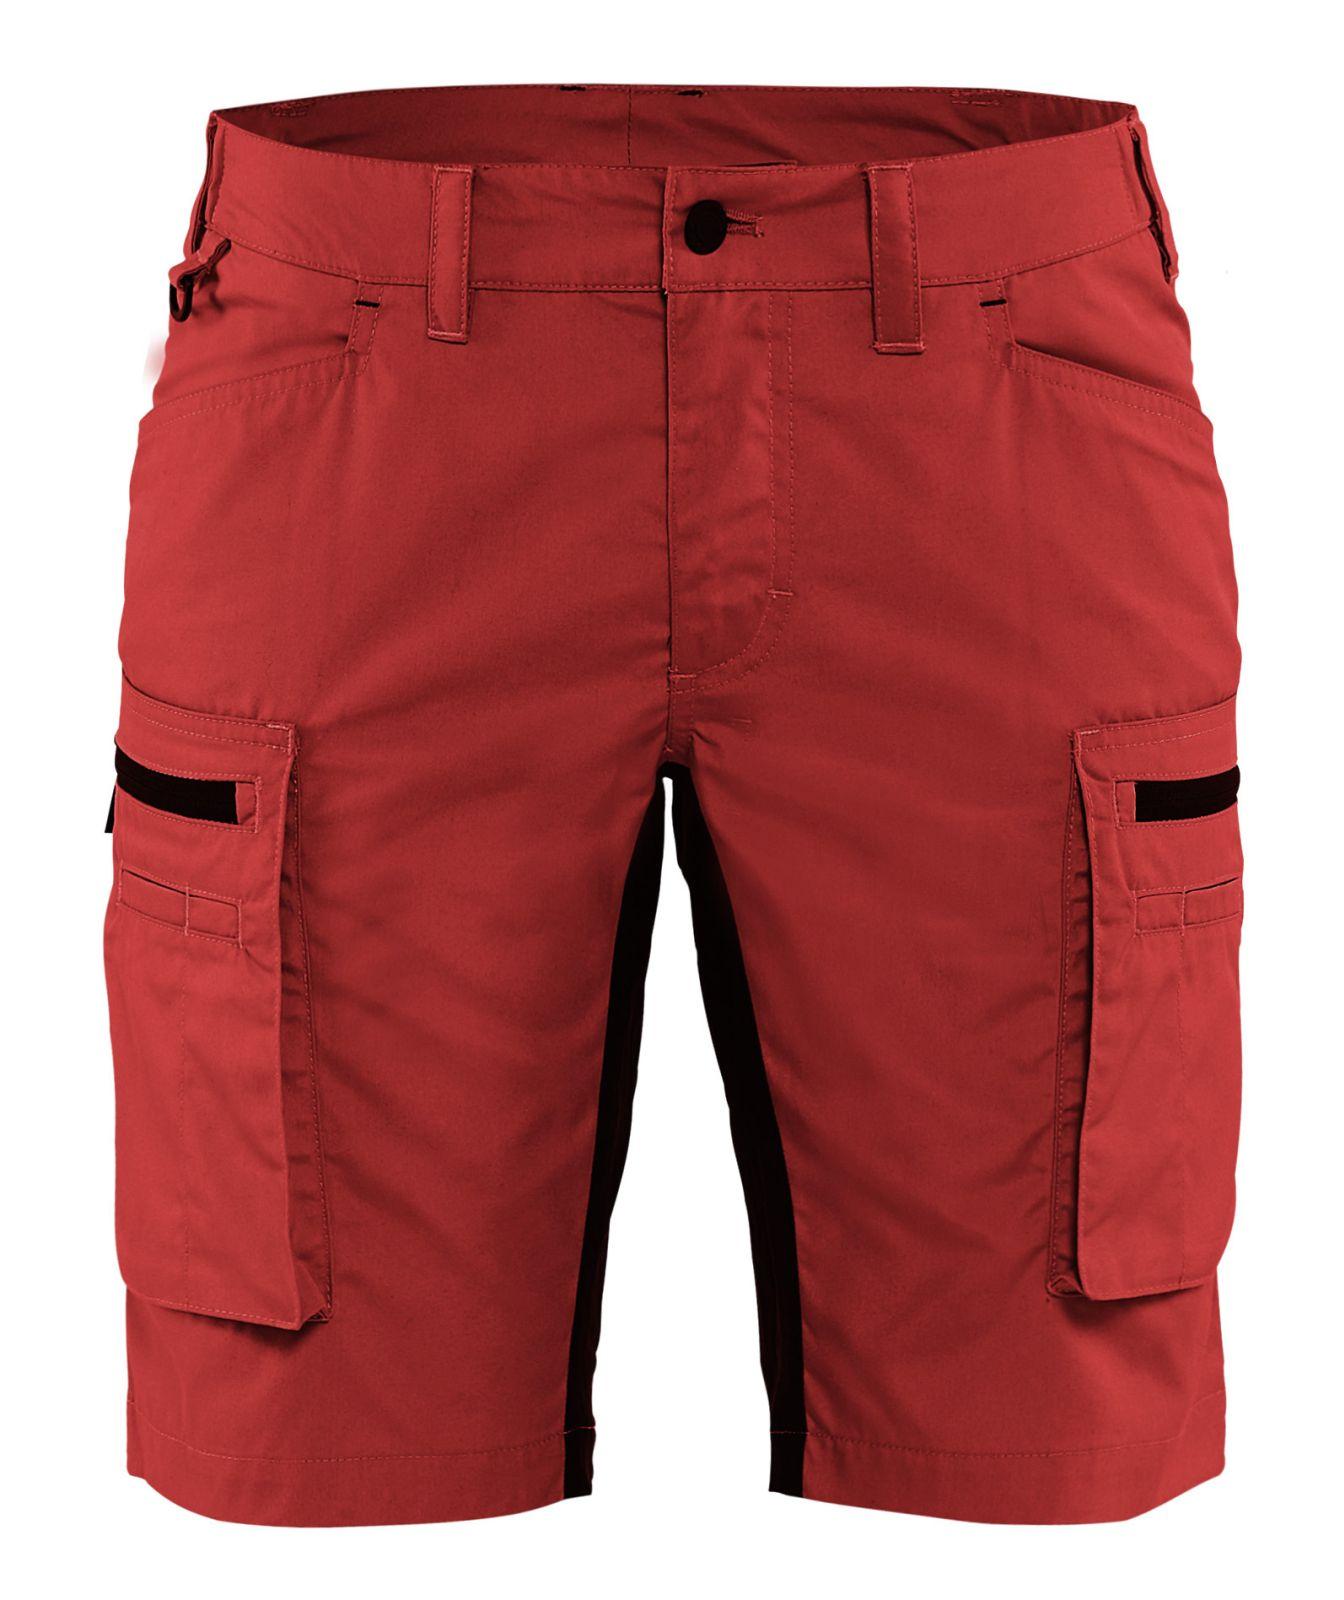 Blaklader Broeken 71491845 rood-zwart(5699)